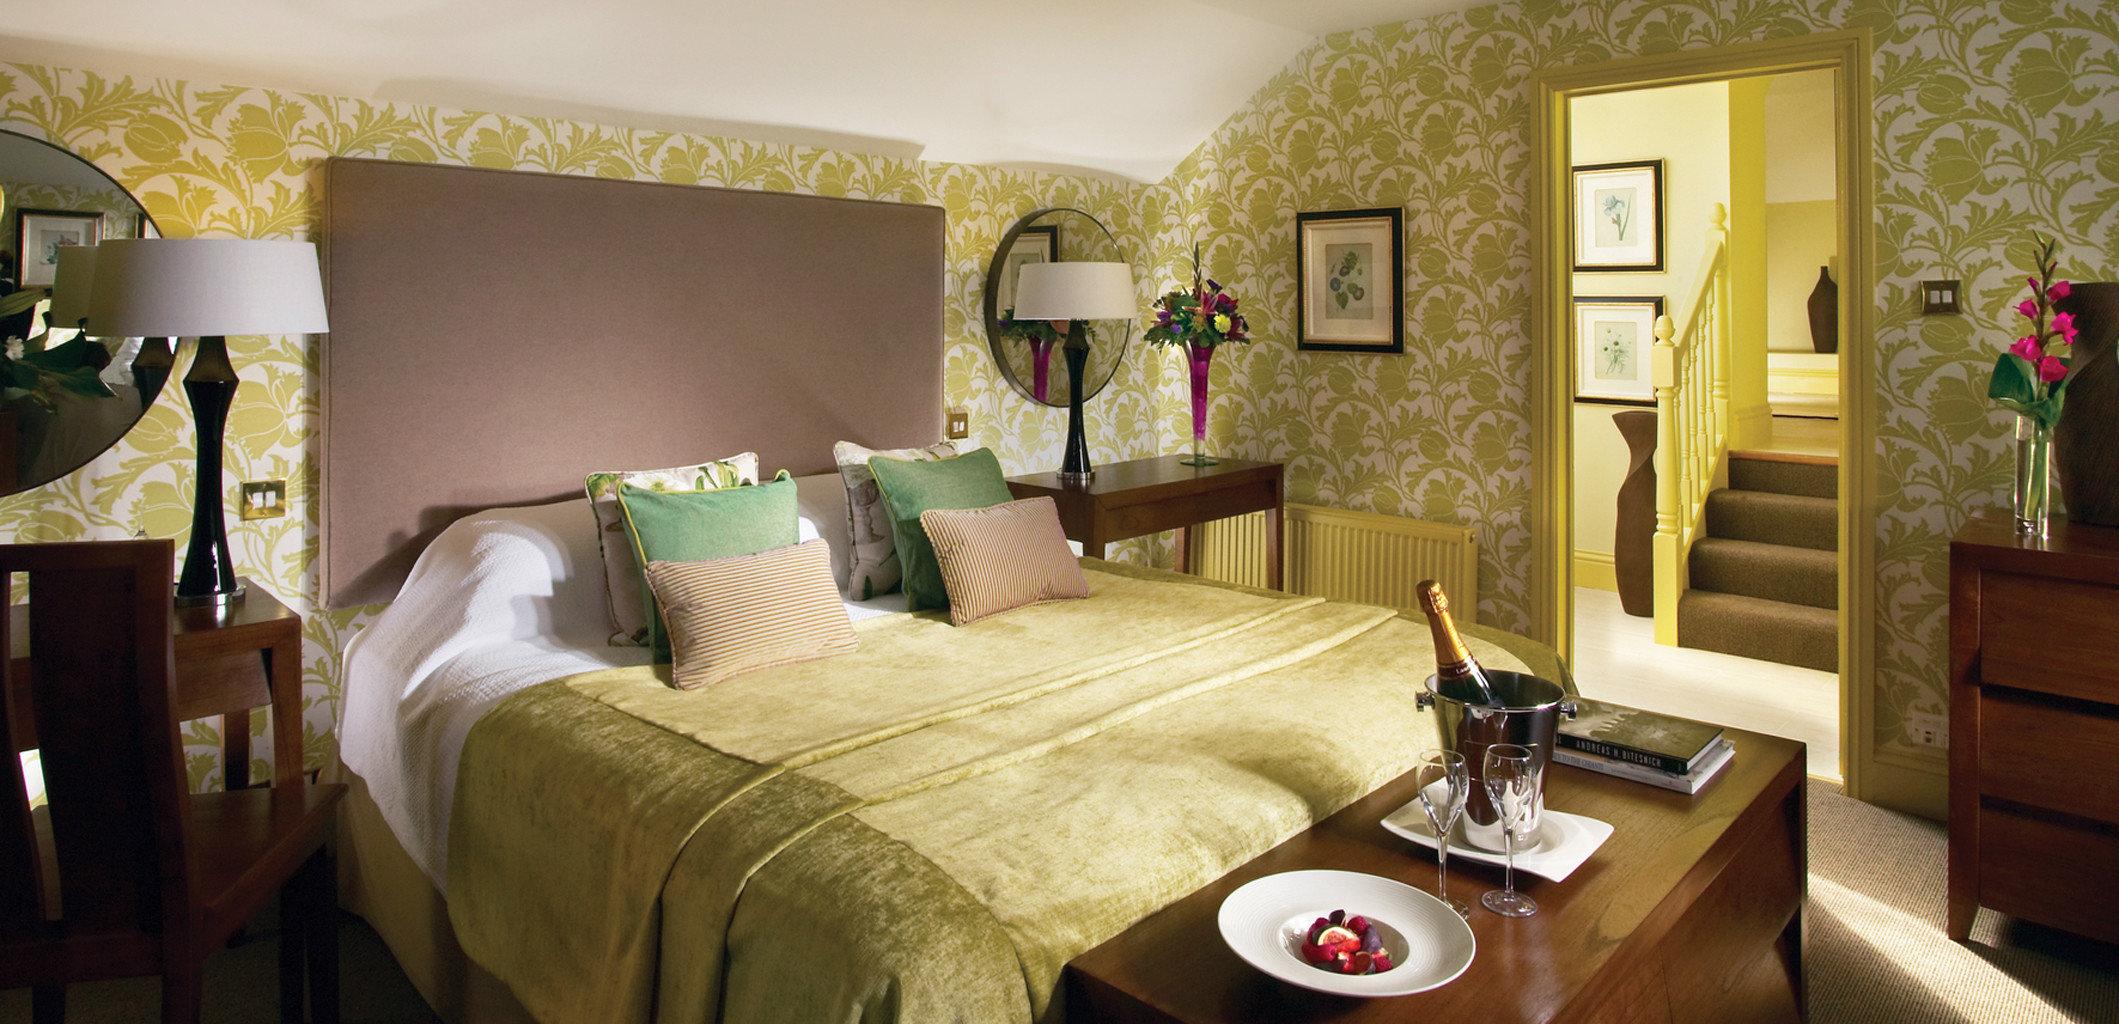 sofa property living room Suite Bedroom cottage home Villa mansion